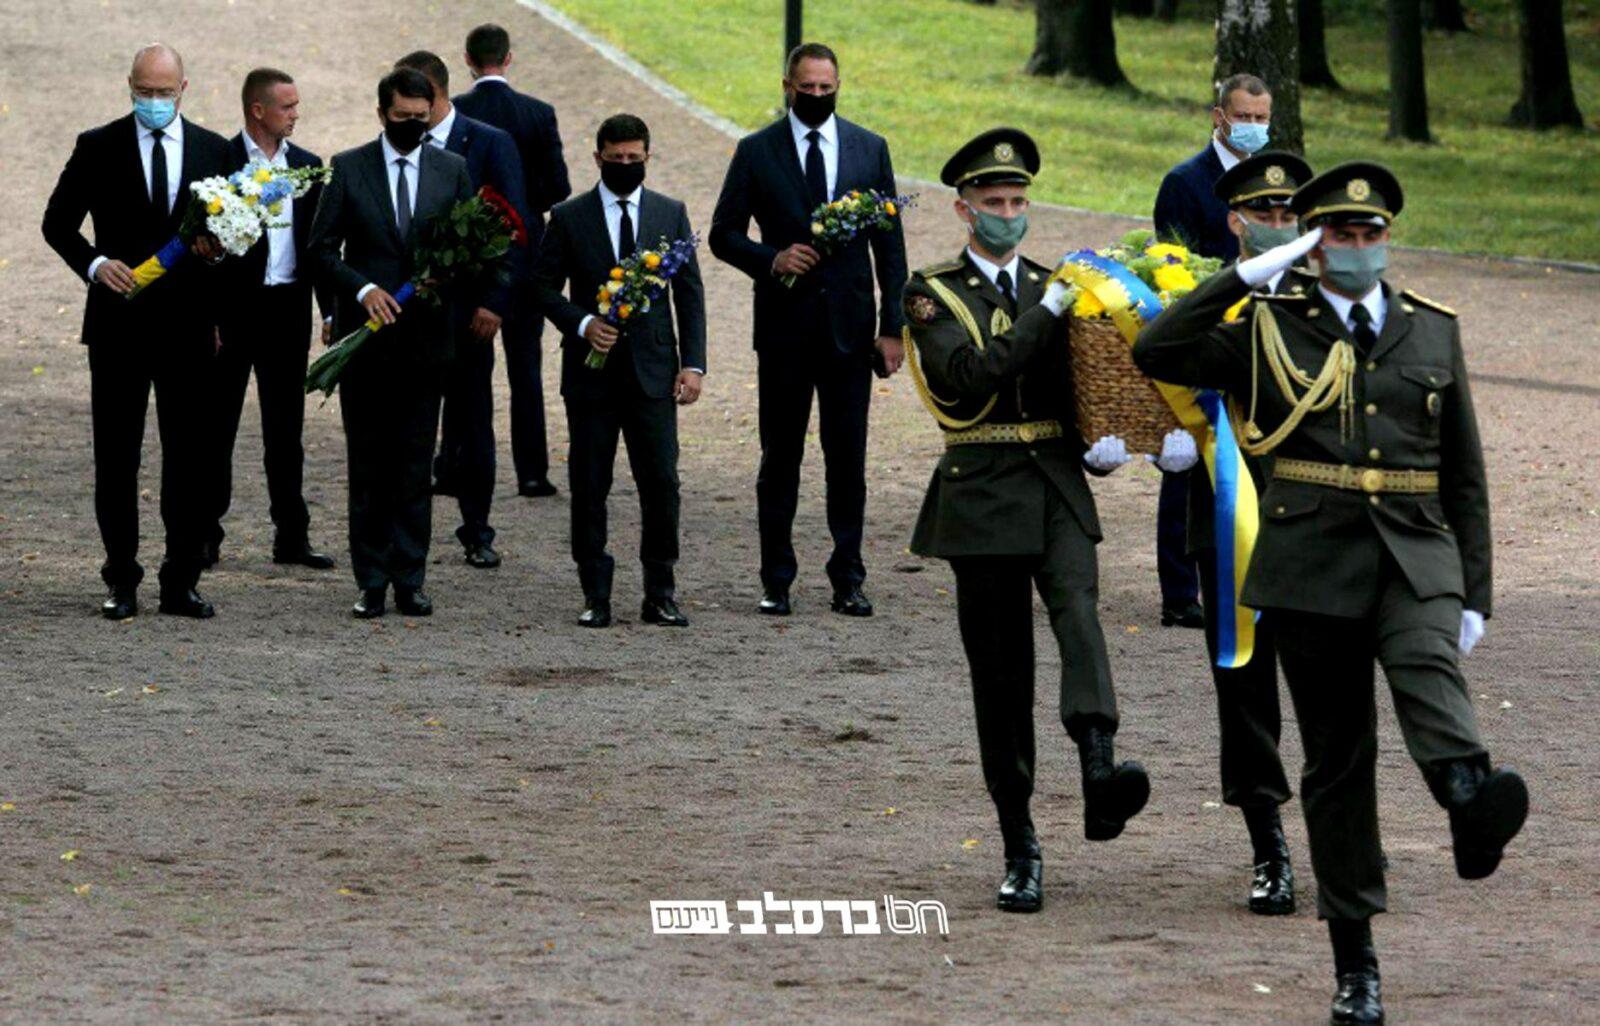 אוקראינה • טקס זיכרון לטבח האכזרי לאלפי הקדושים ב'באבי יאר'